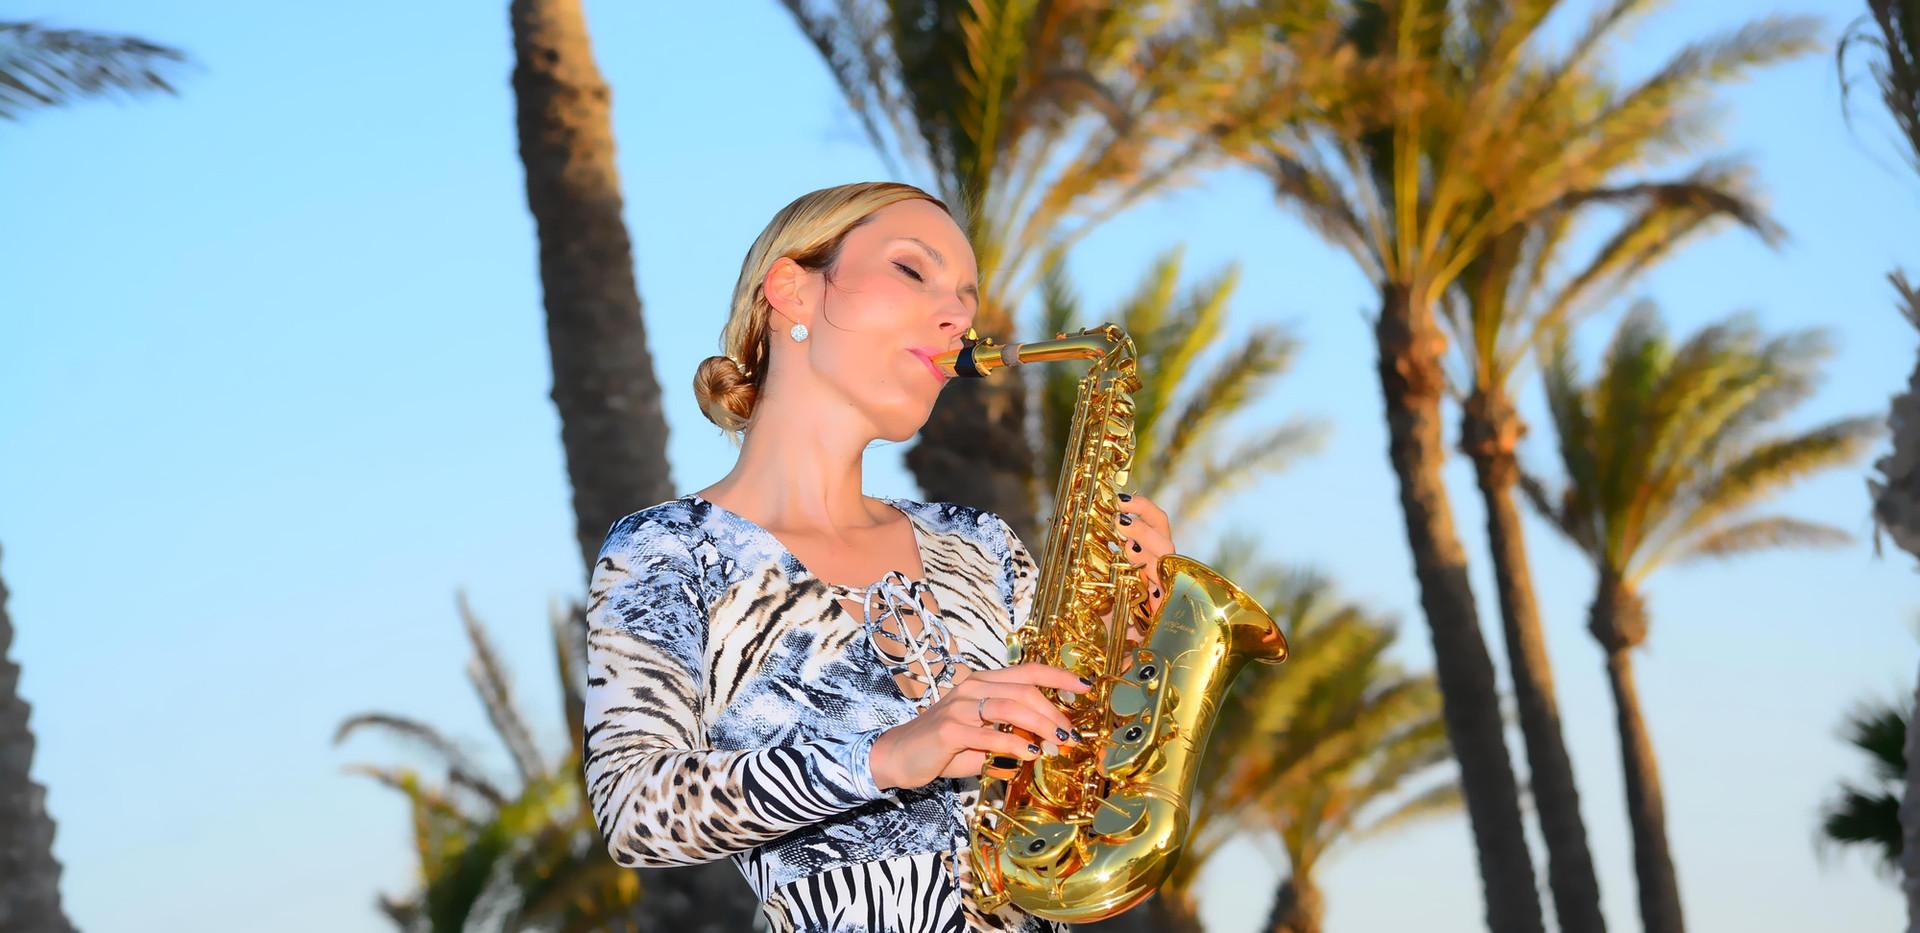 saxofonistinkathipalmen.jpg